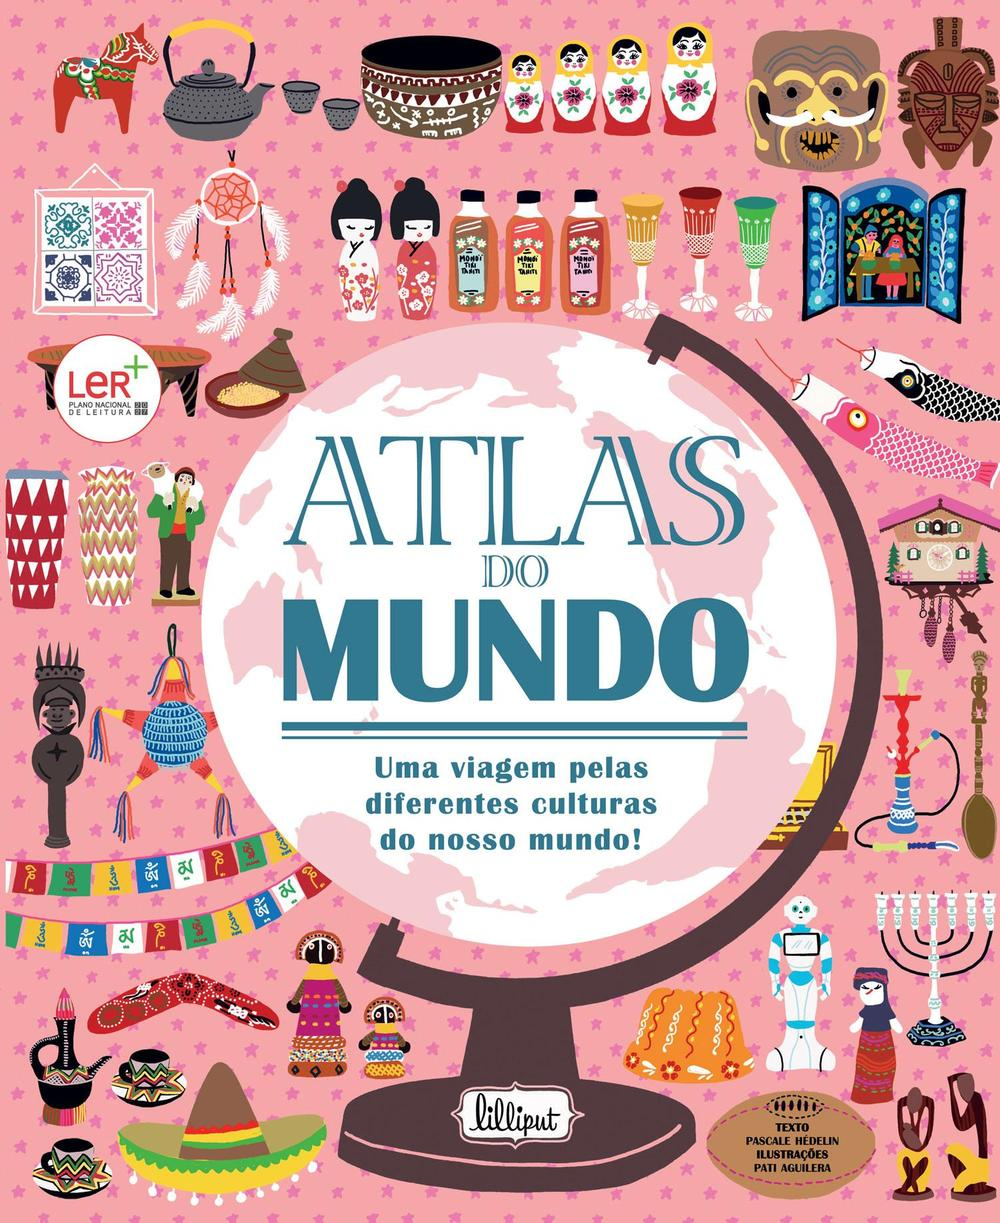 Atlas do Mundo Viagem Pelas Culturas